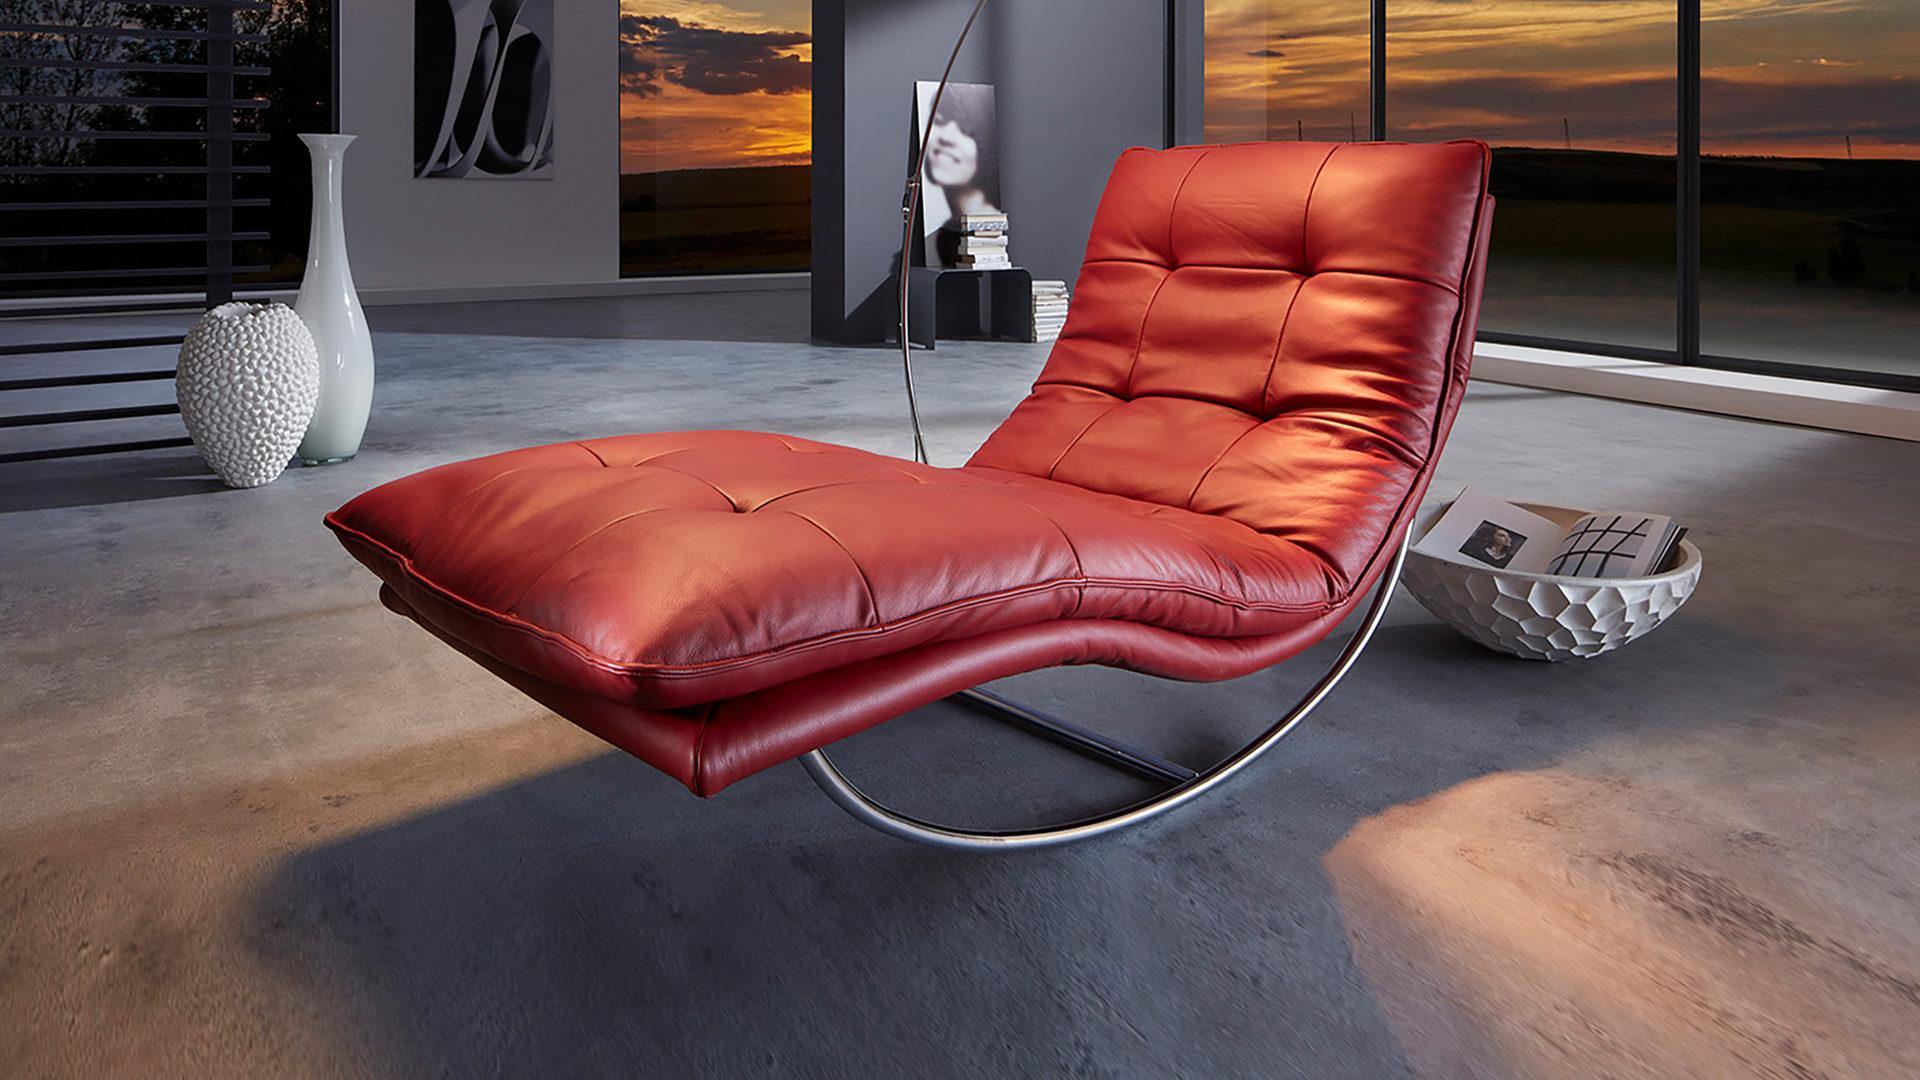 Wschillig Relaxliege Wohnzimmermöbel Rubinrotes Leder Z5910